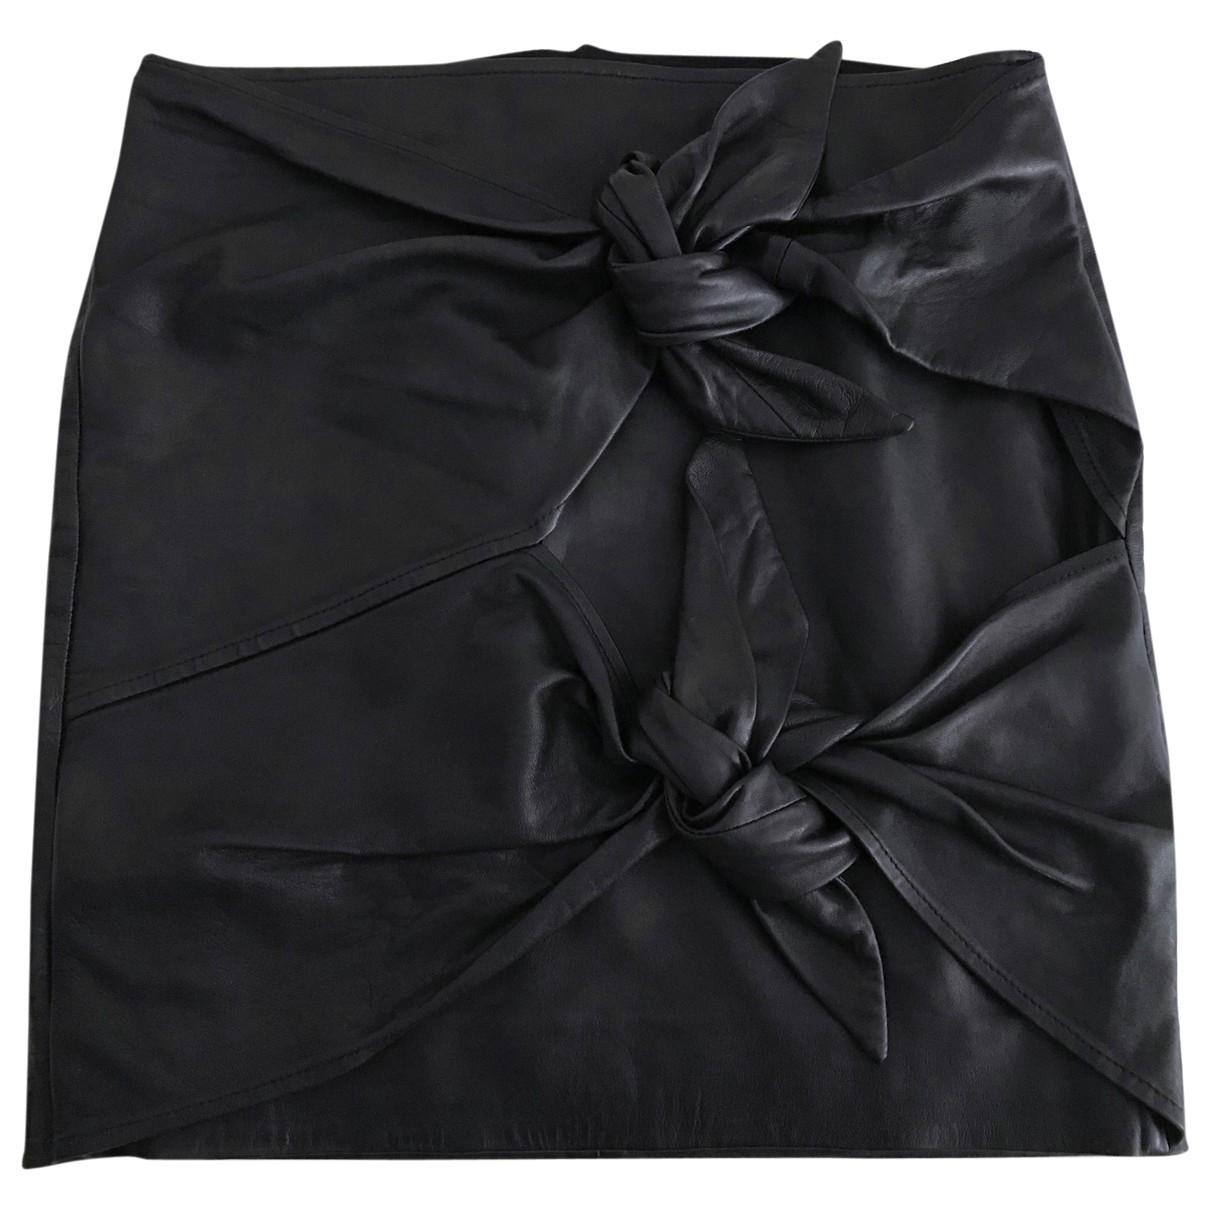 Isabel Marant Etoile \N Black Leather skirt for Women 36 FR